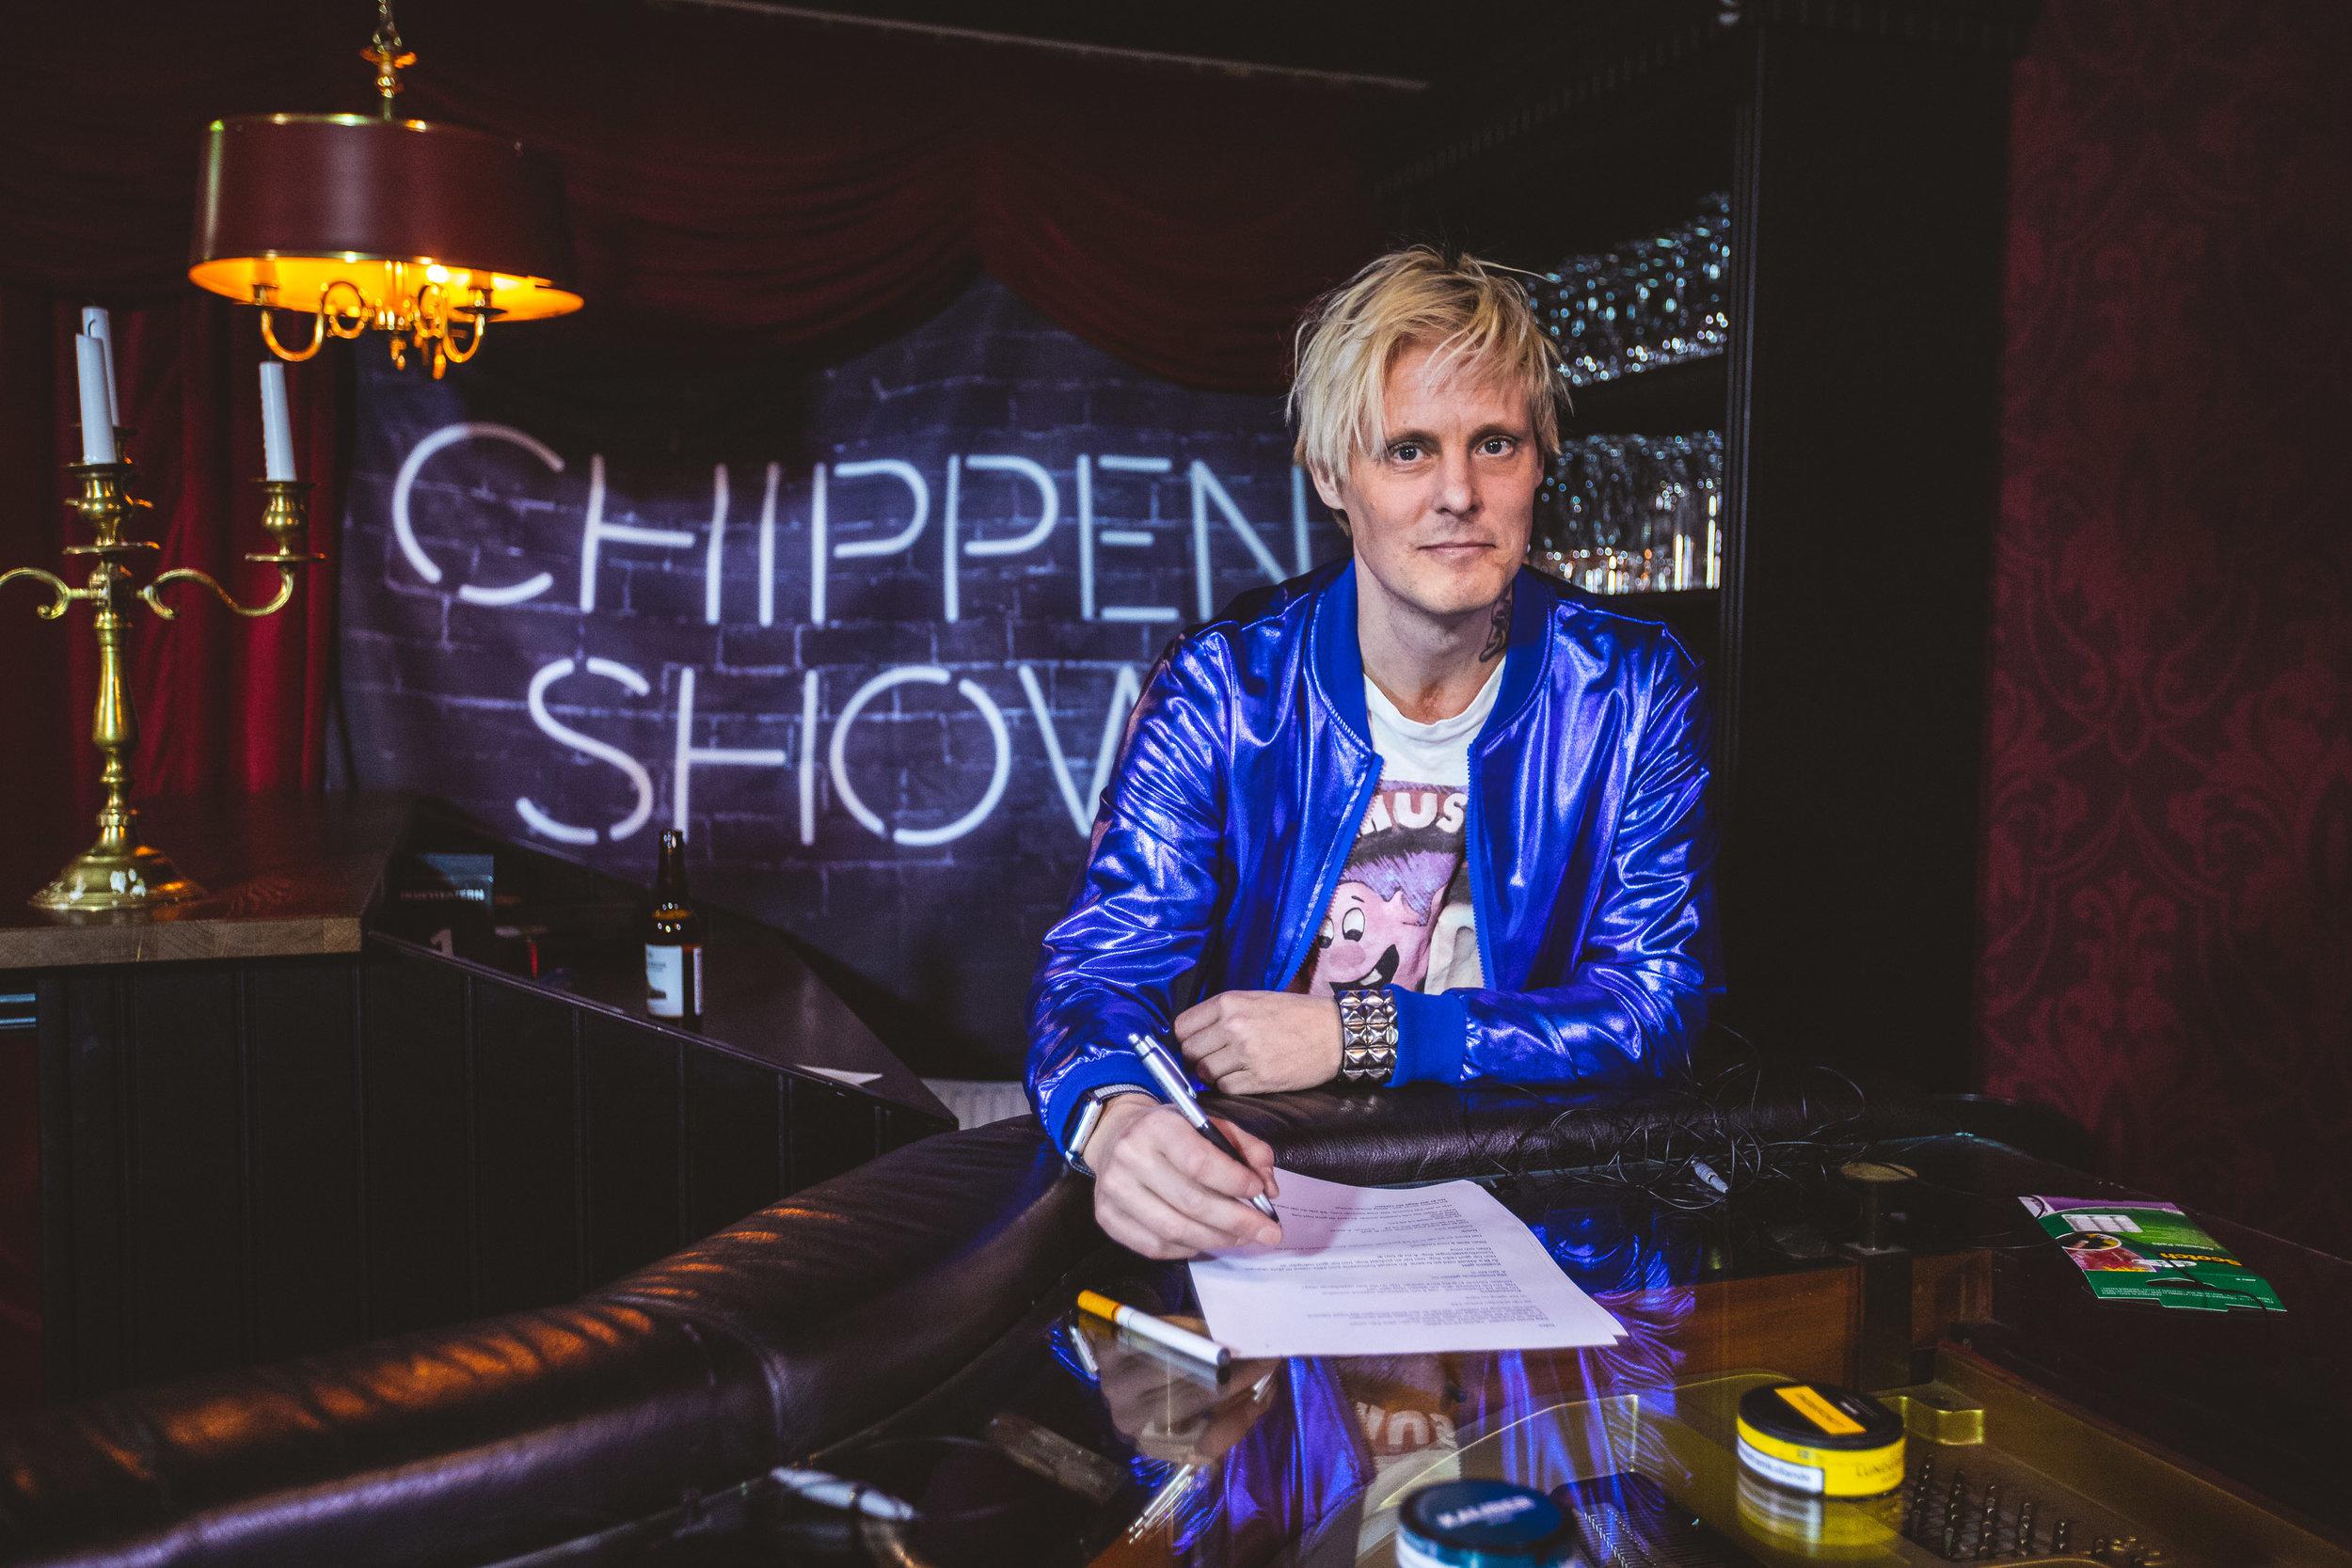 Chippen Show  (12).JPG